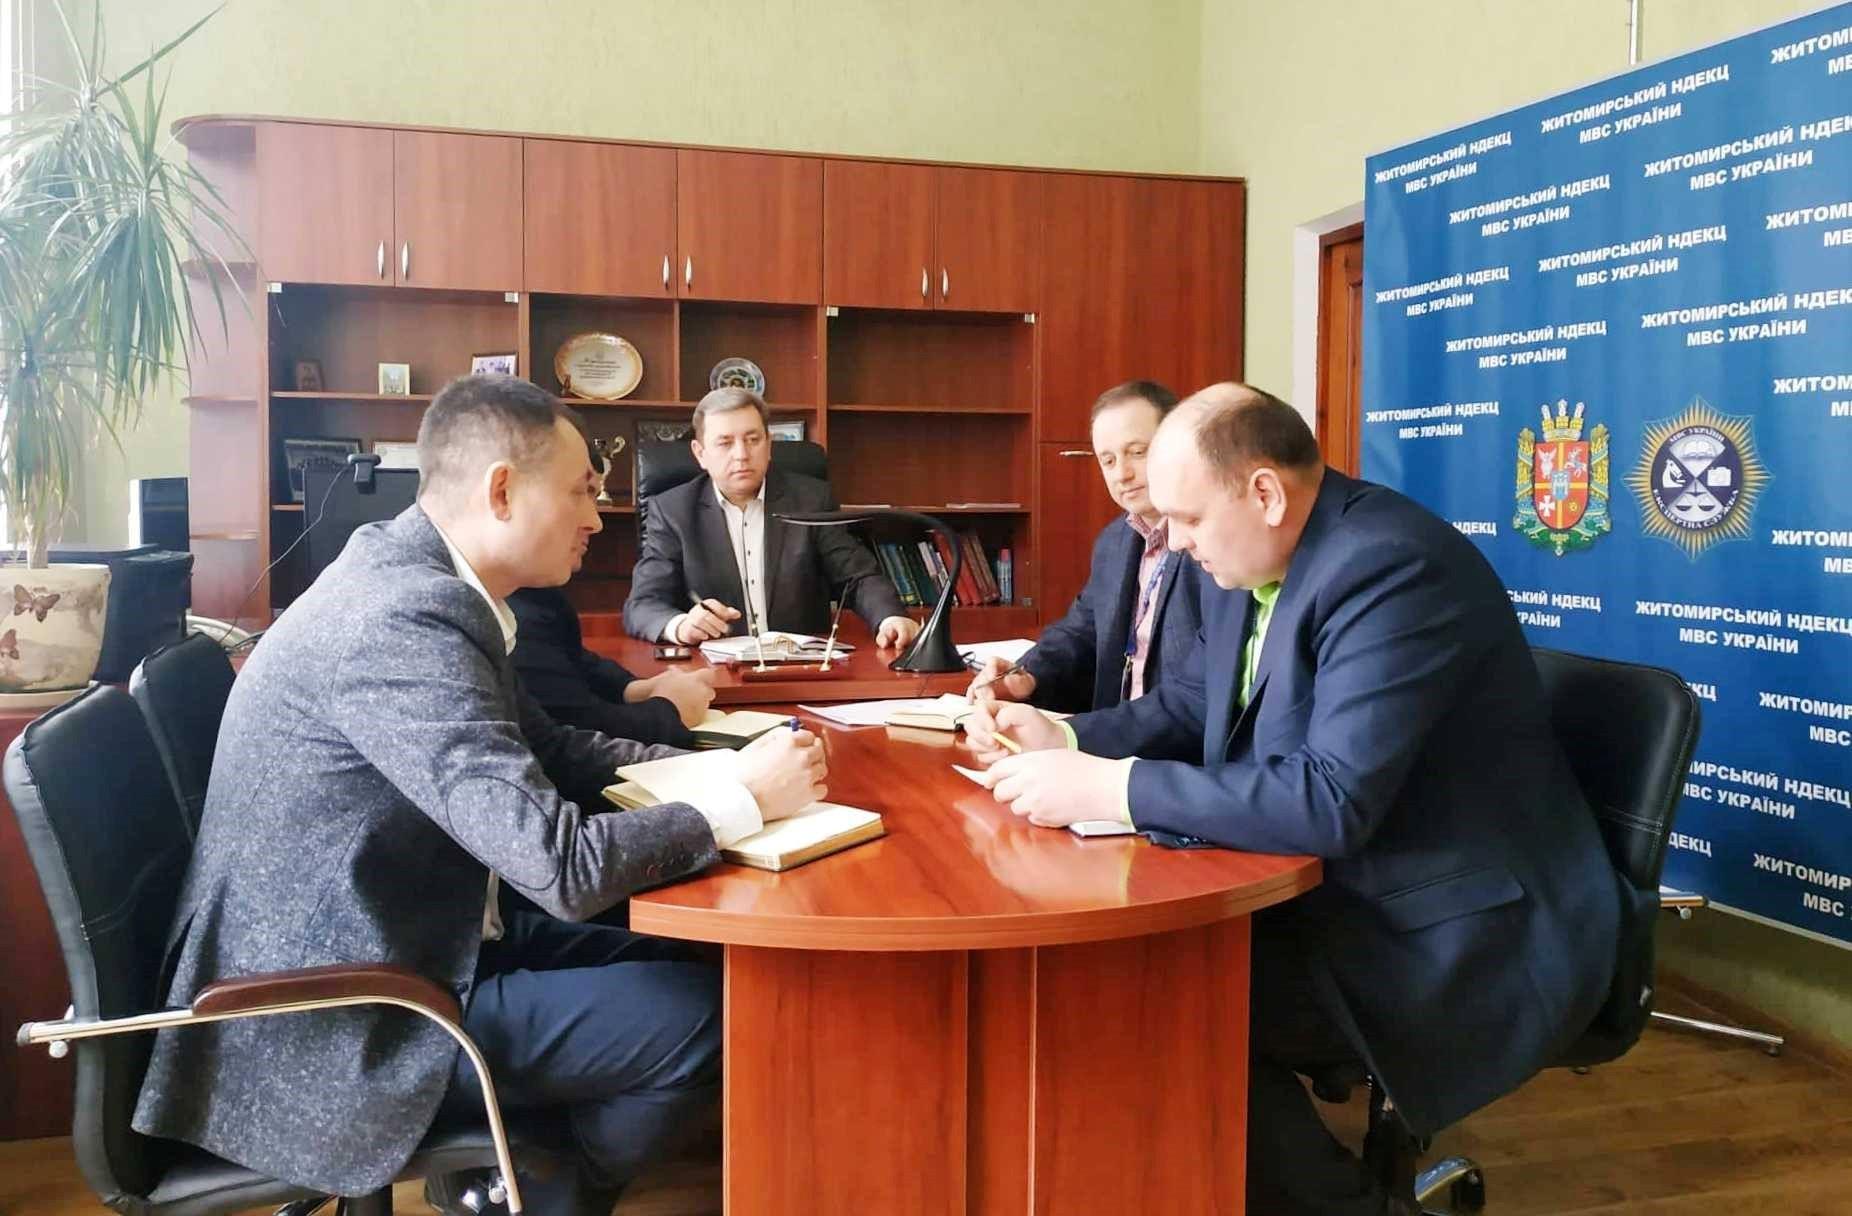 Спільна нарада керівництва Житомирського НДЕКЦ МВС України та РСЦ МВС в Житомирській області